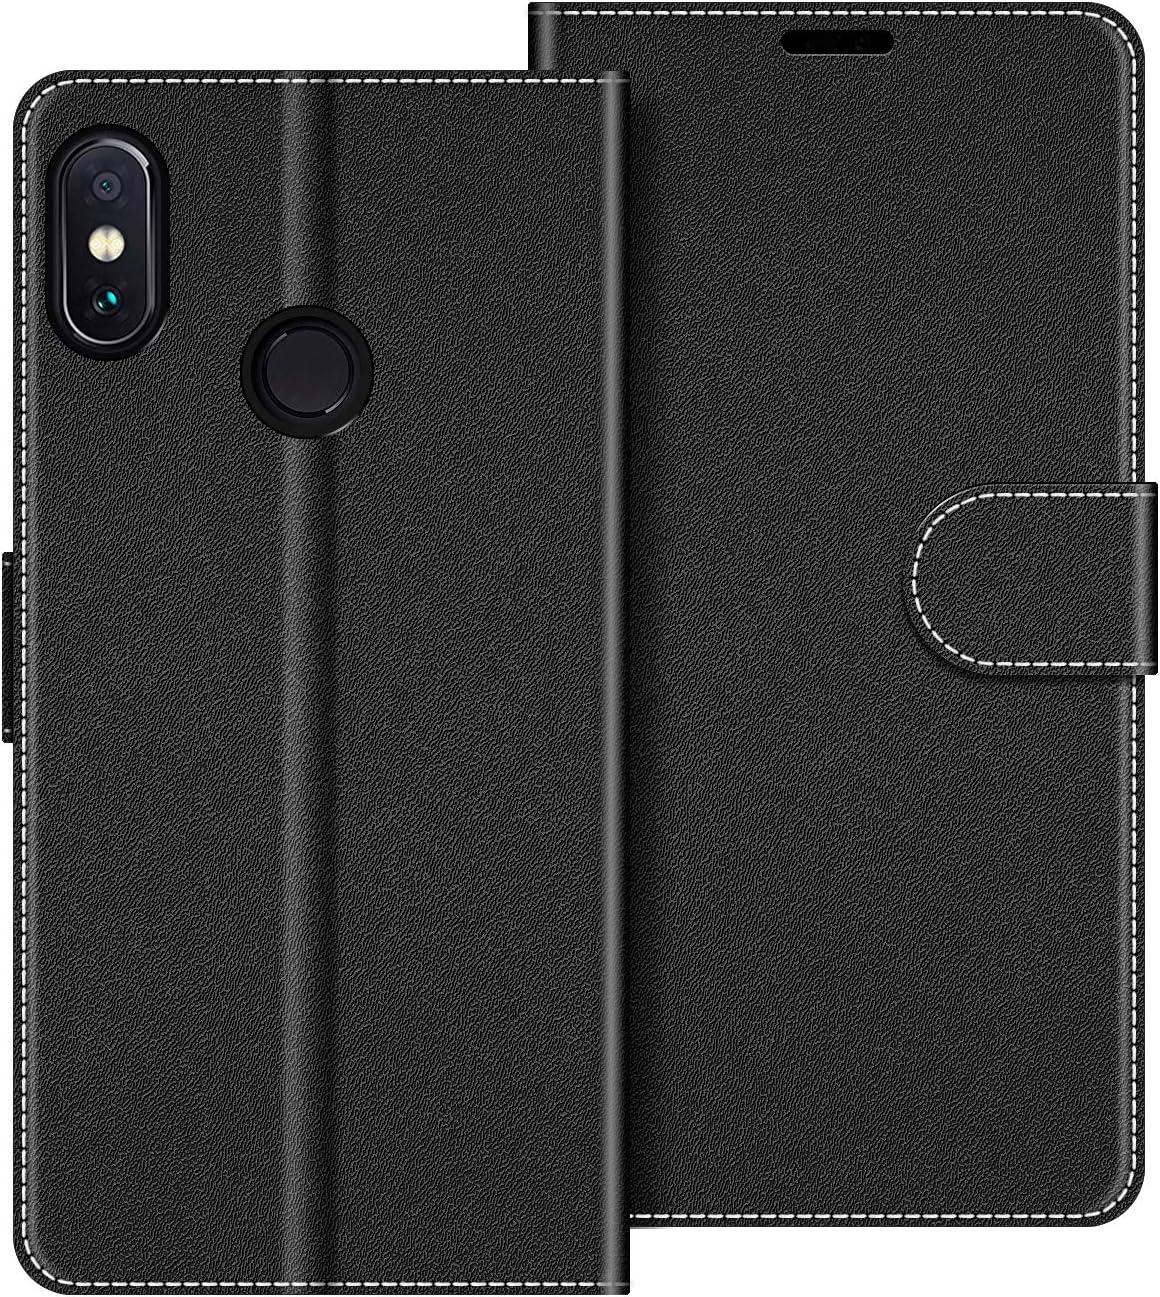 COODIO Funda Xiaomi Redmi Note 6 Pro con Tapa, Funda Movil Xiaomi Redmi Note 6 Pro, Funda Libro Xiaomi Redmi Note 6 Pro Carcasa Magnético Funda para Xiaomi Redmi Note 6 Pro, Negro